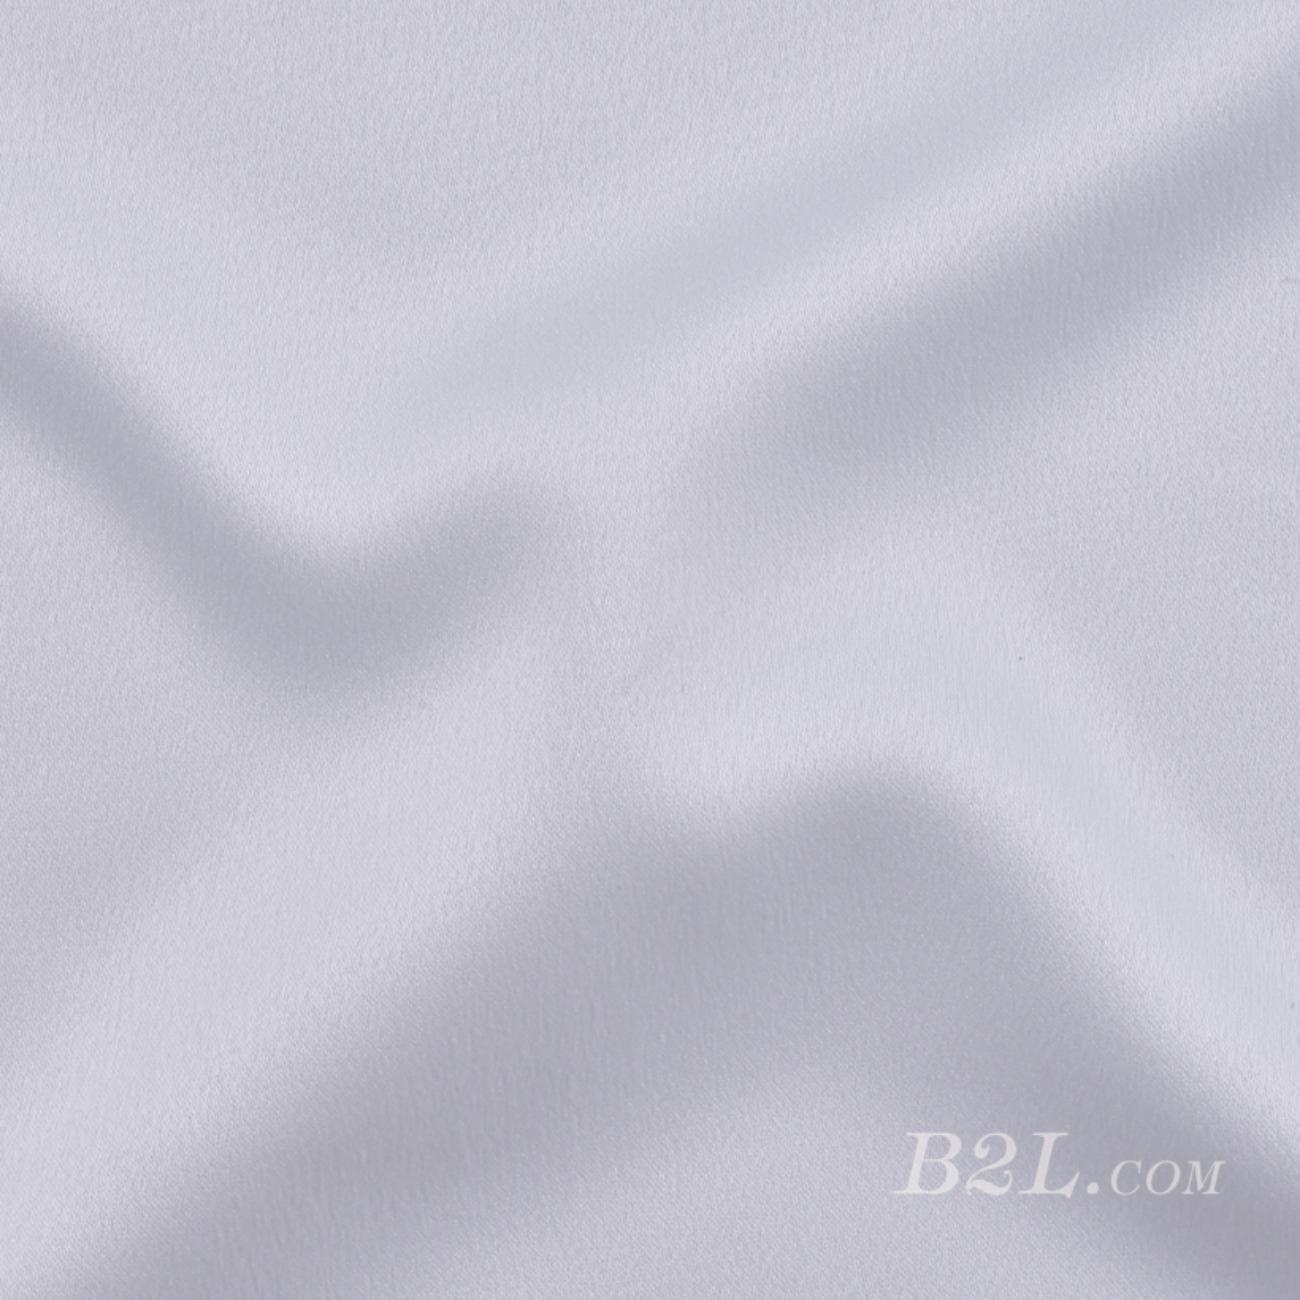 素色 梭织 染色 薄 无弹 春夏 连衣裙 T恤 80629-5